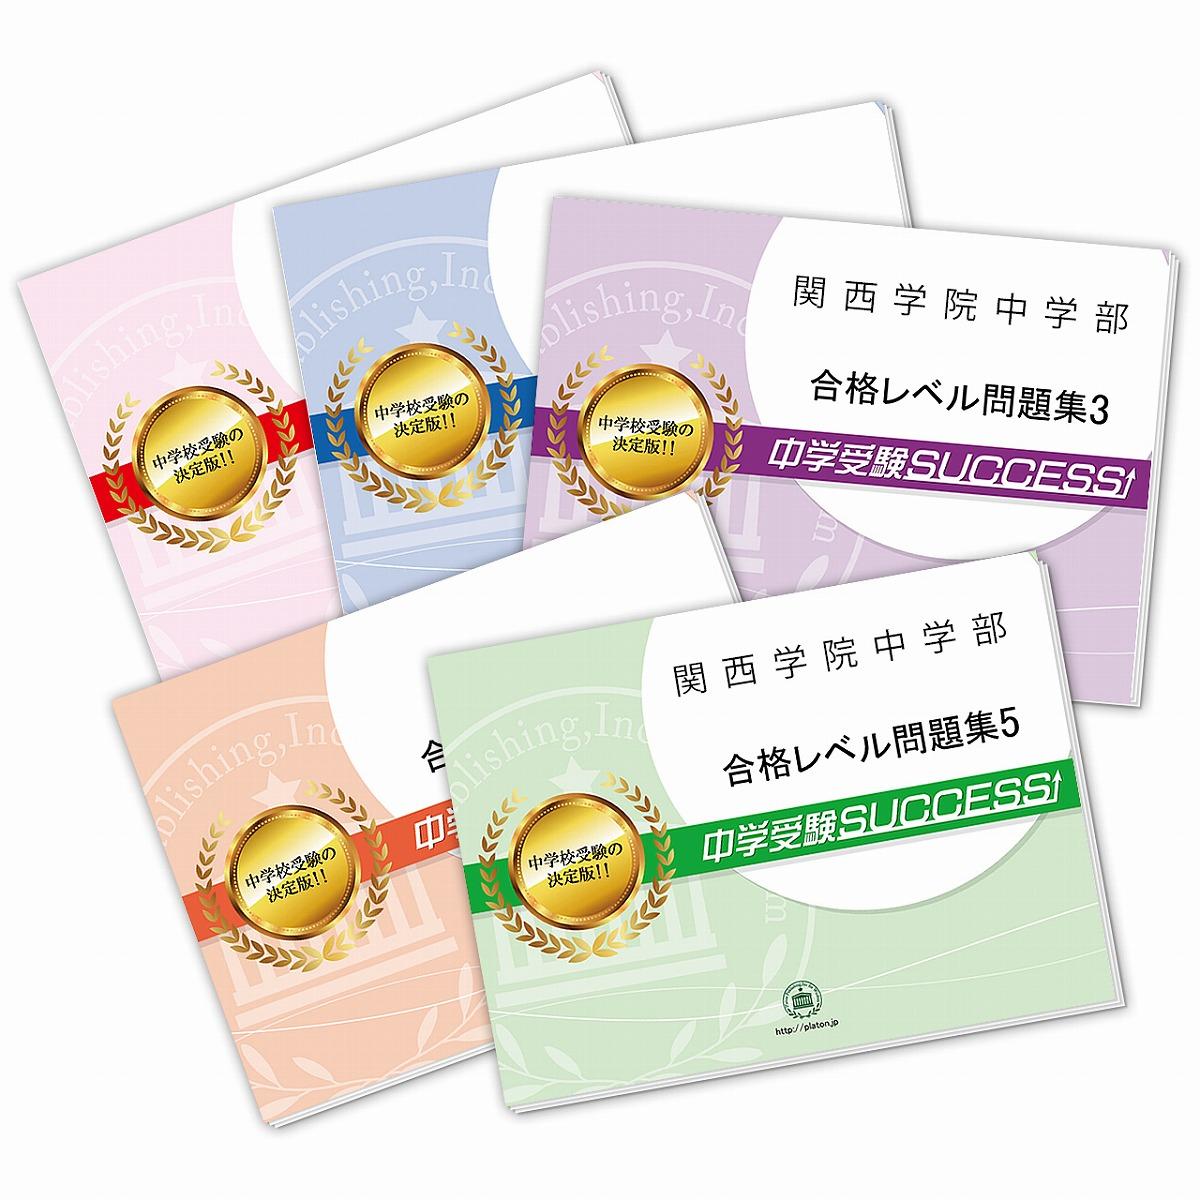 【送料・代引手数料無料】関西学院中学部・直前対策合格セット(5冊)